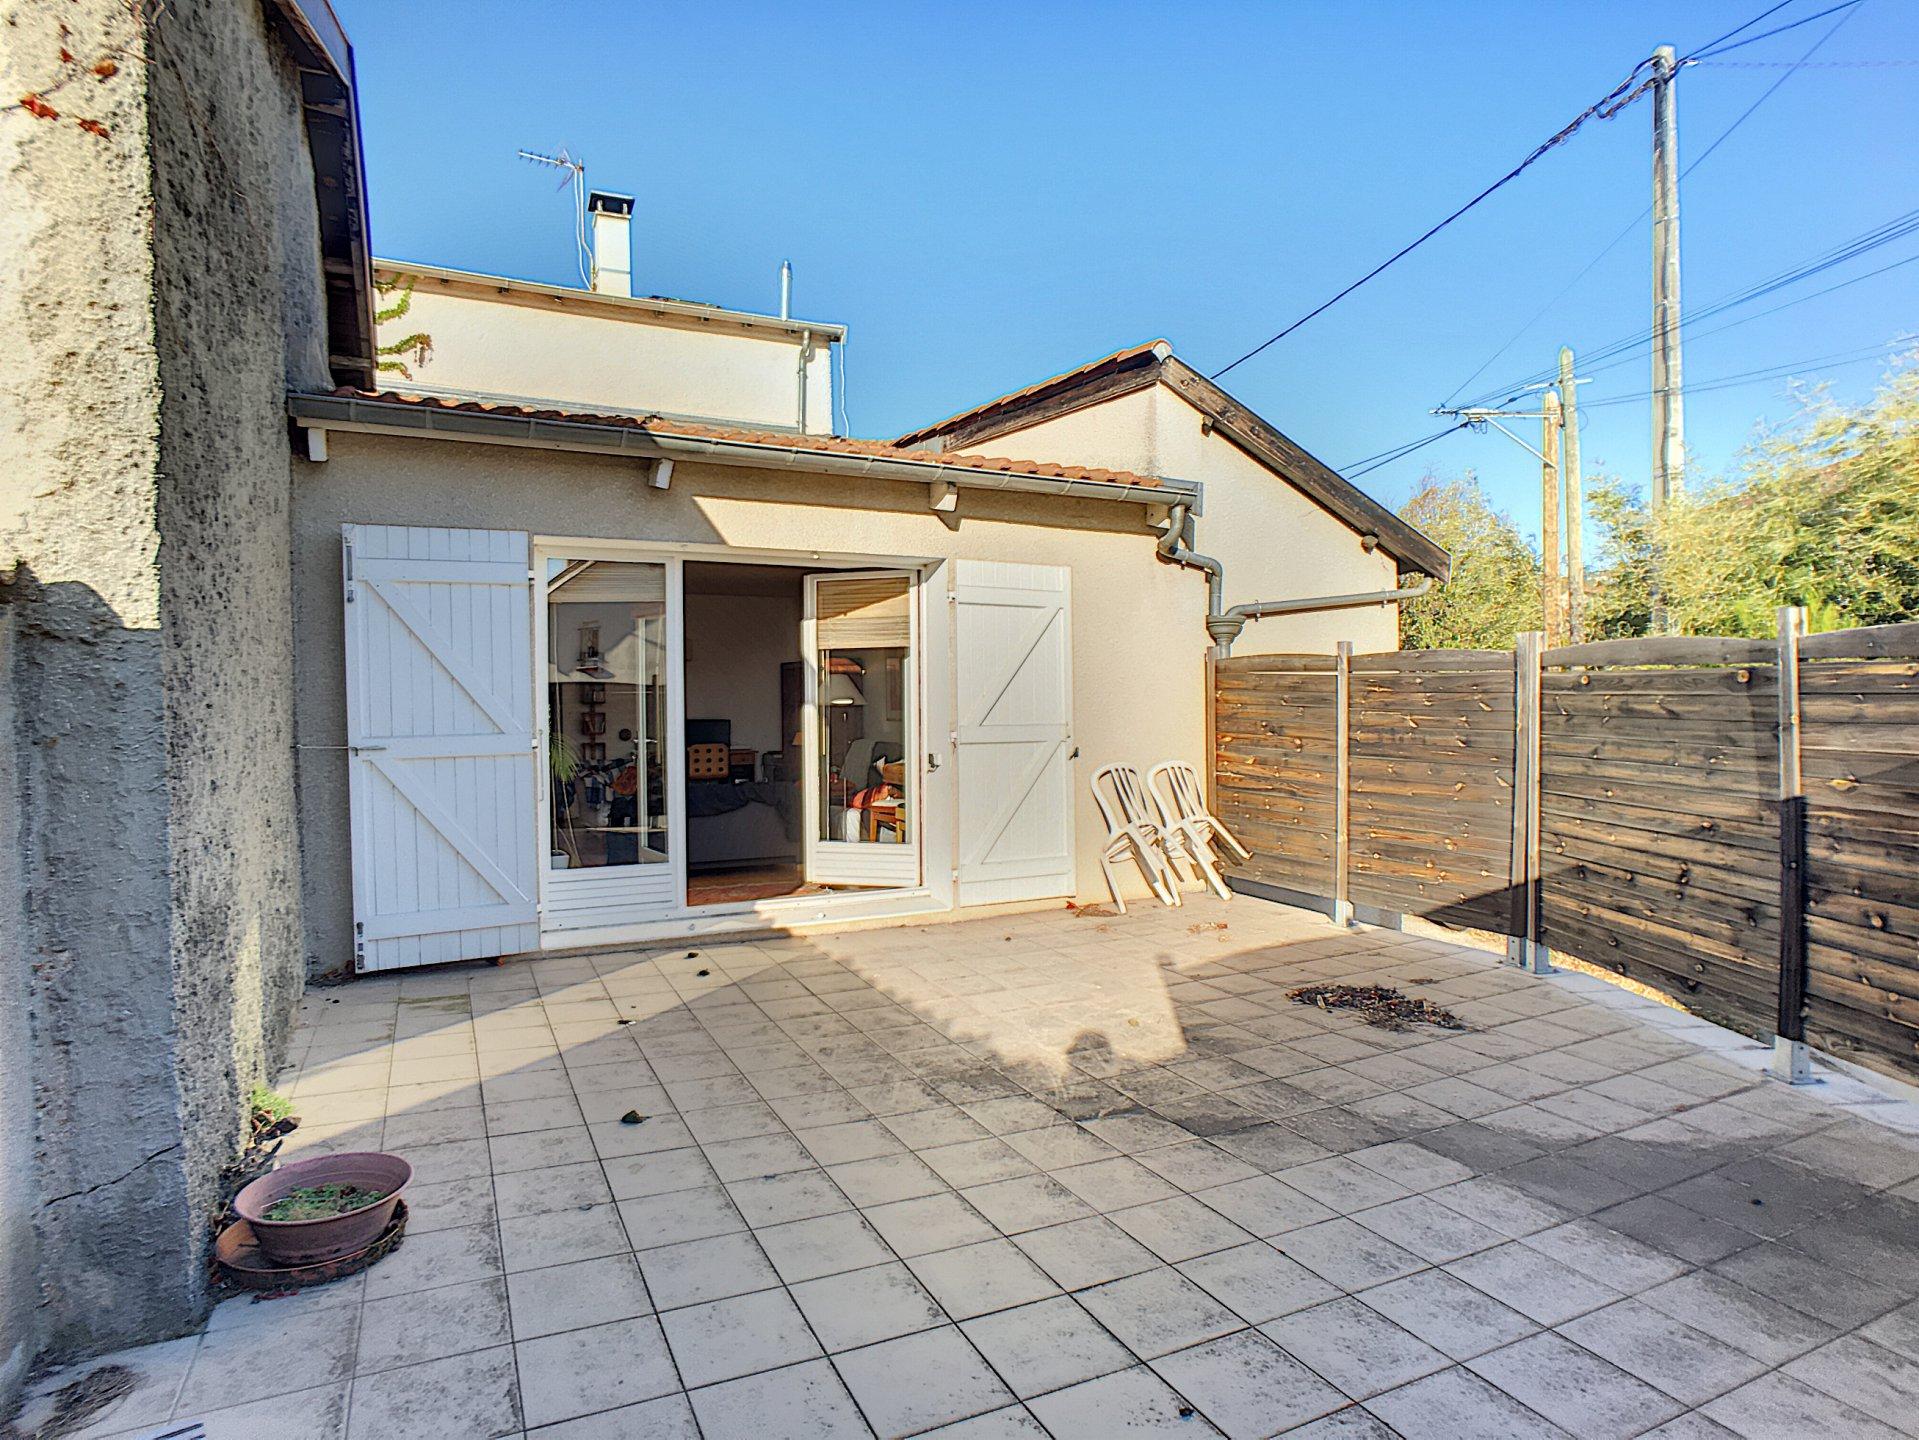 Maison 3 chambres Grezieu-La-Varenne